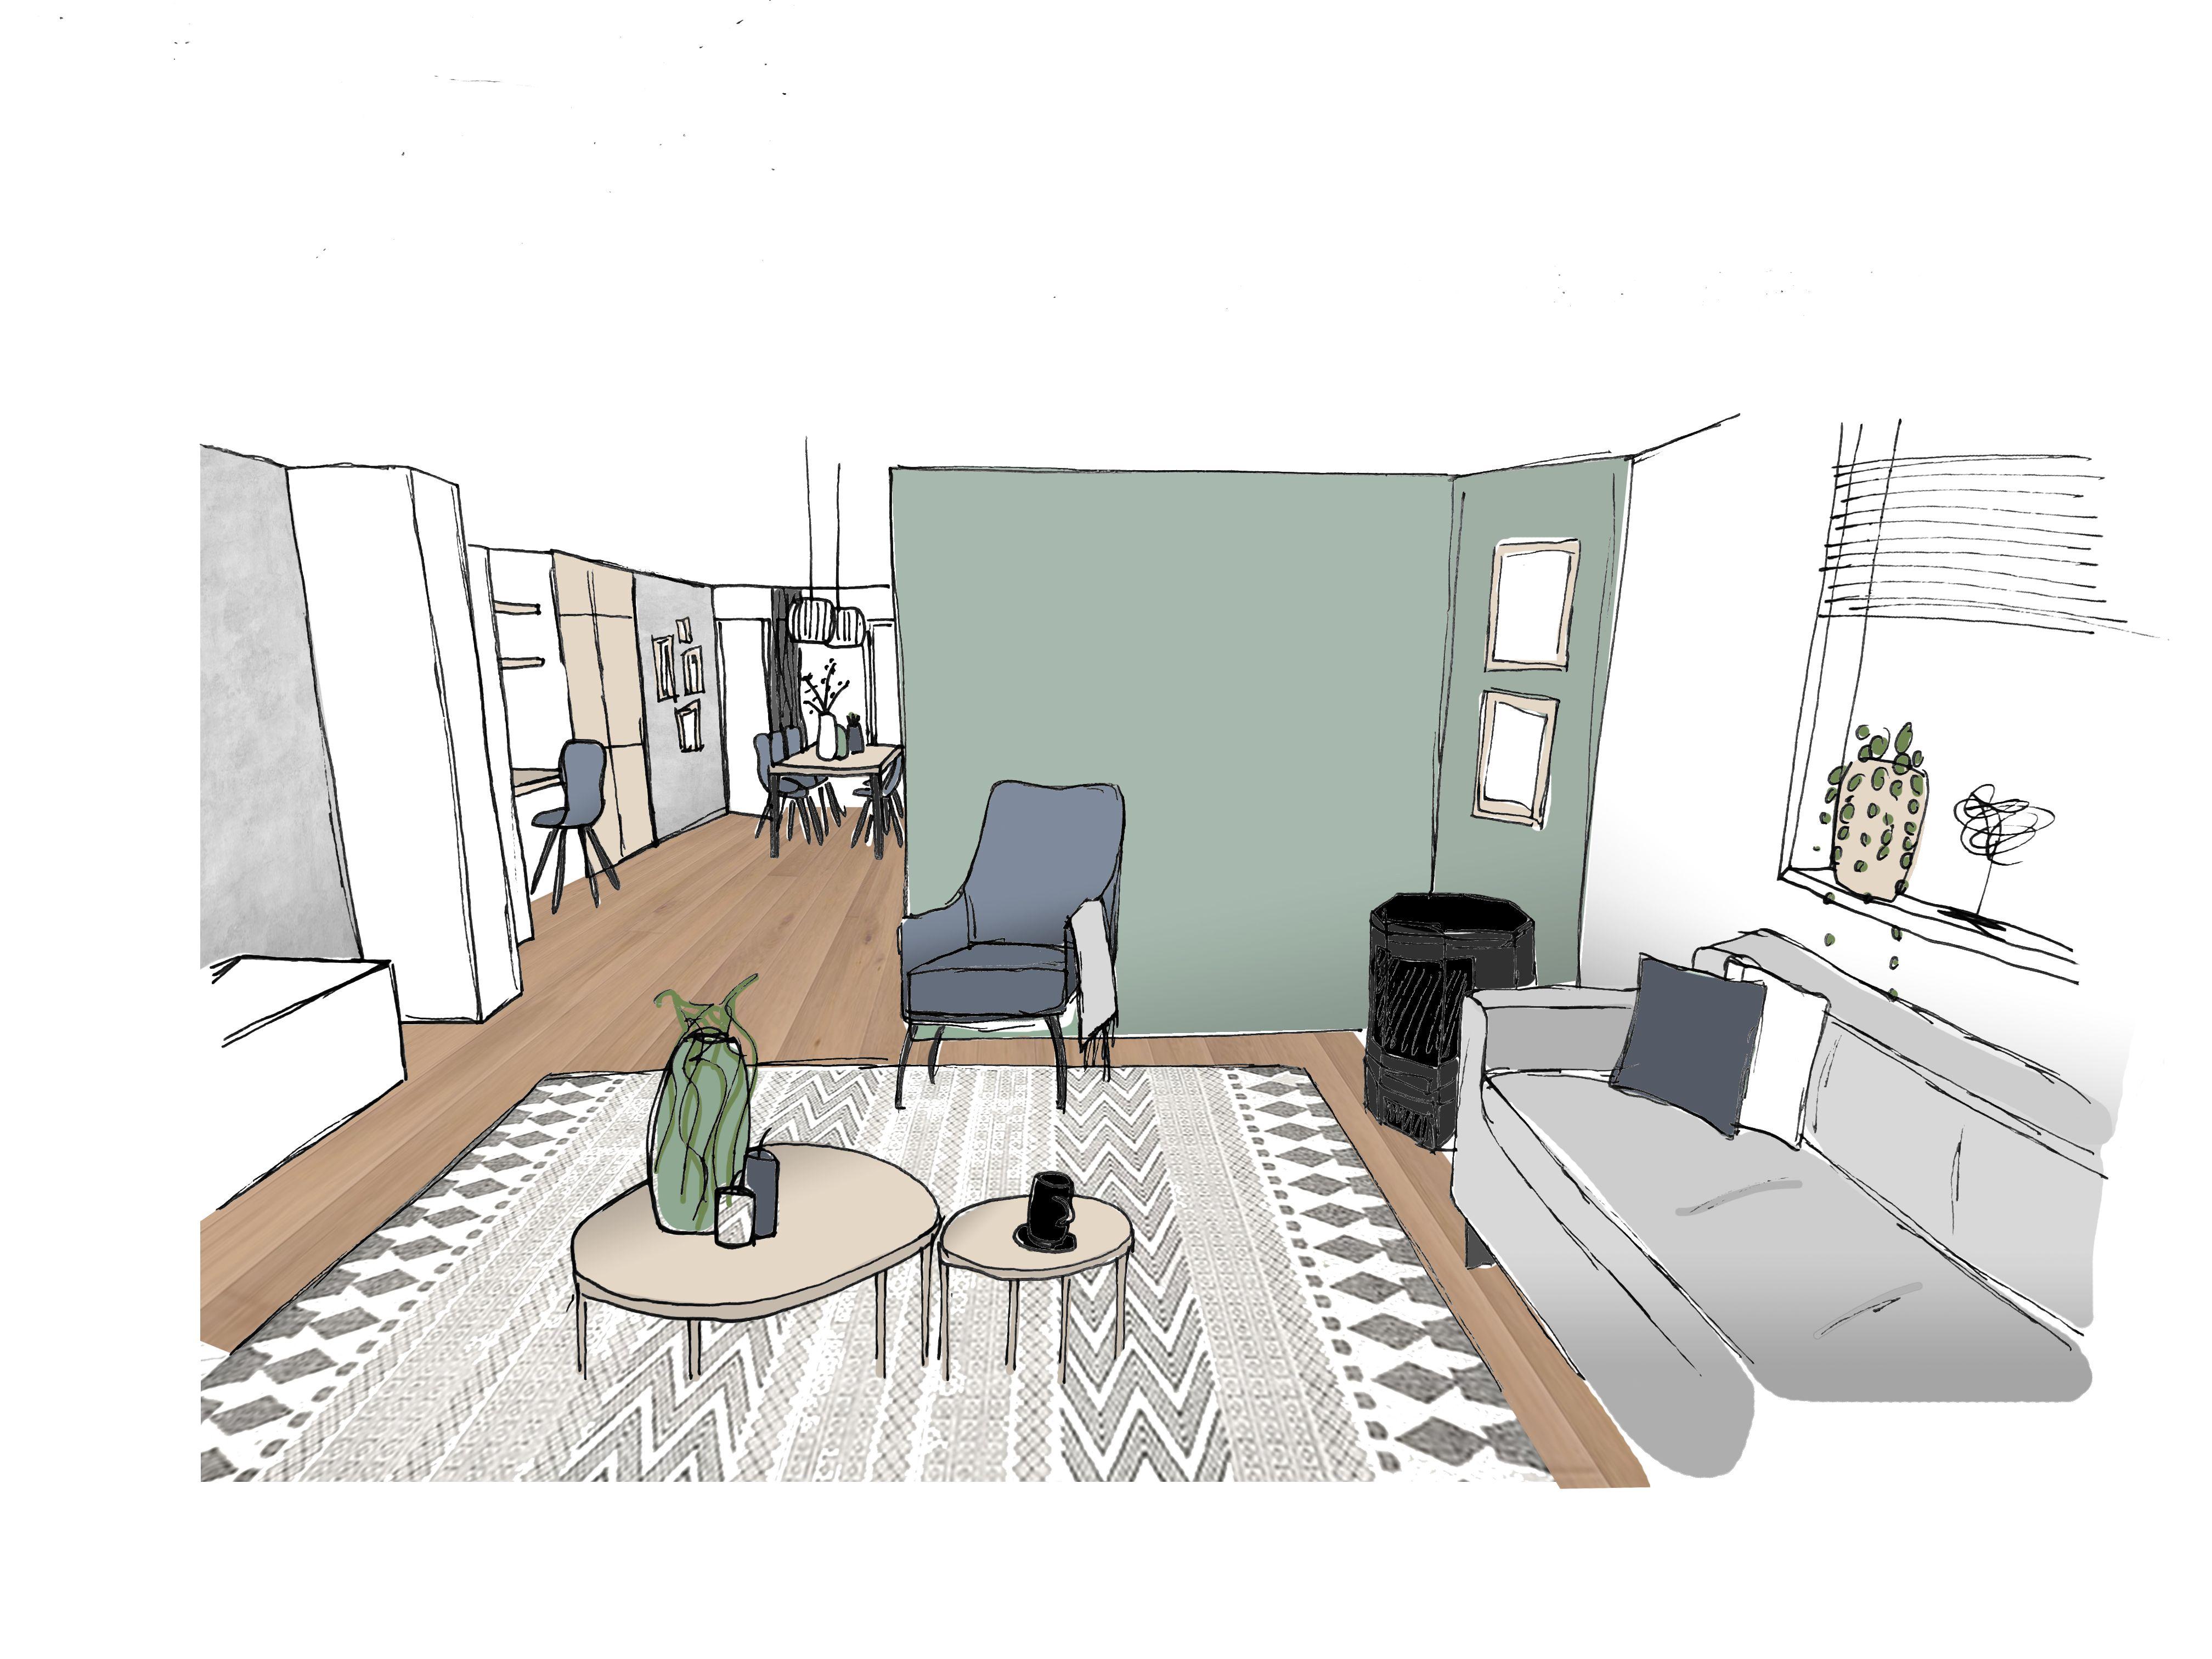 3d Visualisatie Interieuradvies Van De Woonkamer Met Een Groene Muur Betonlook Warm Hout En Een Pracht Interieur Woonkamer Modern Meubeldesign Huis Interieur